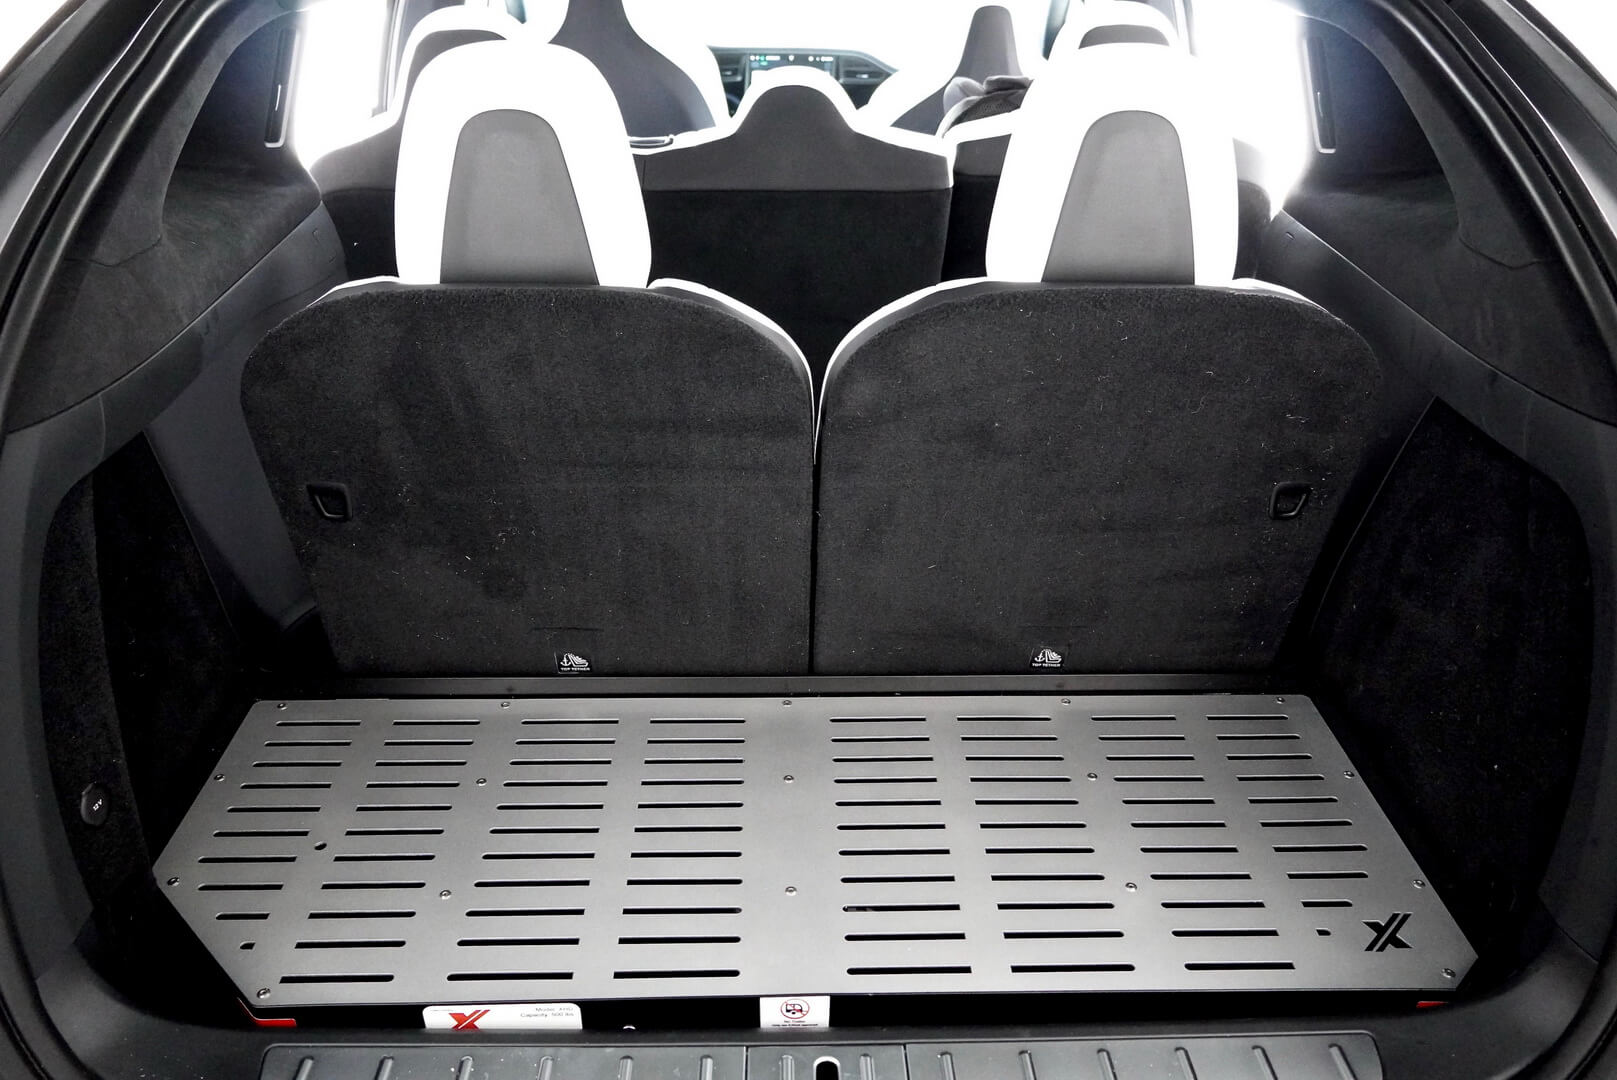 Легкий алюминиевый грузовой контейнер X-Rack, разработанный специально для Tesla Model X